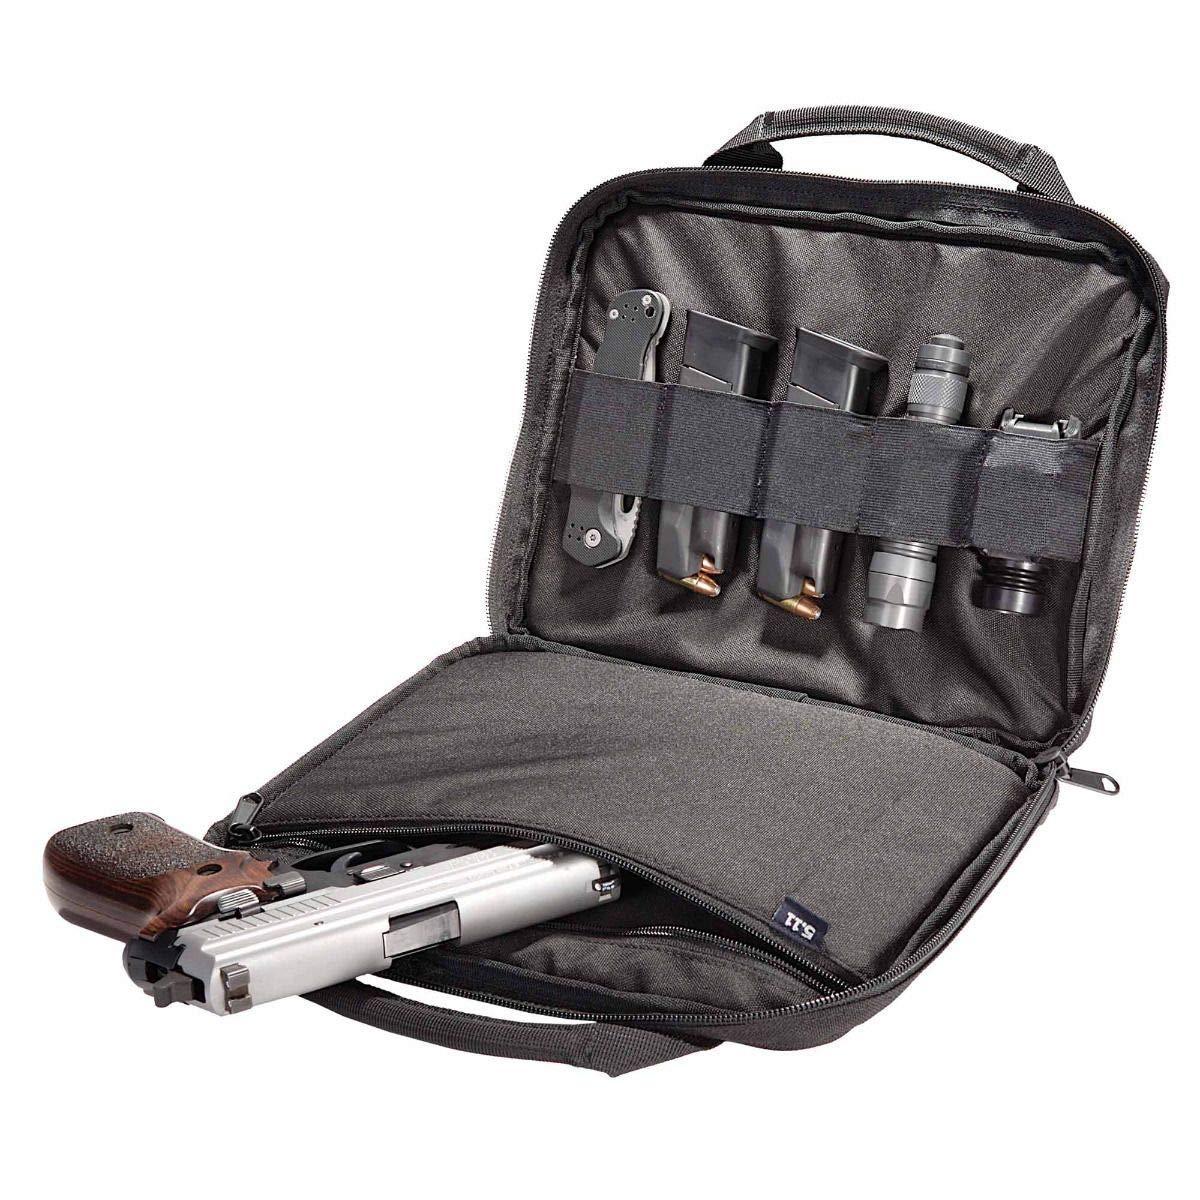 5.11 Tactical Pistol Case